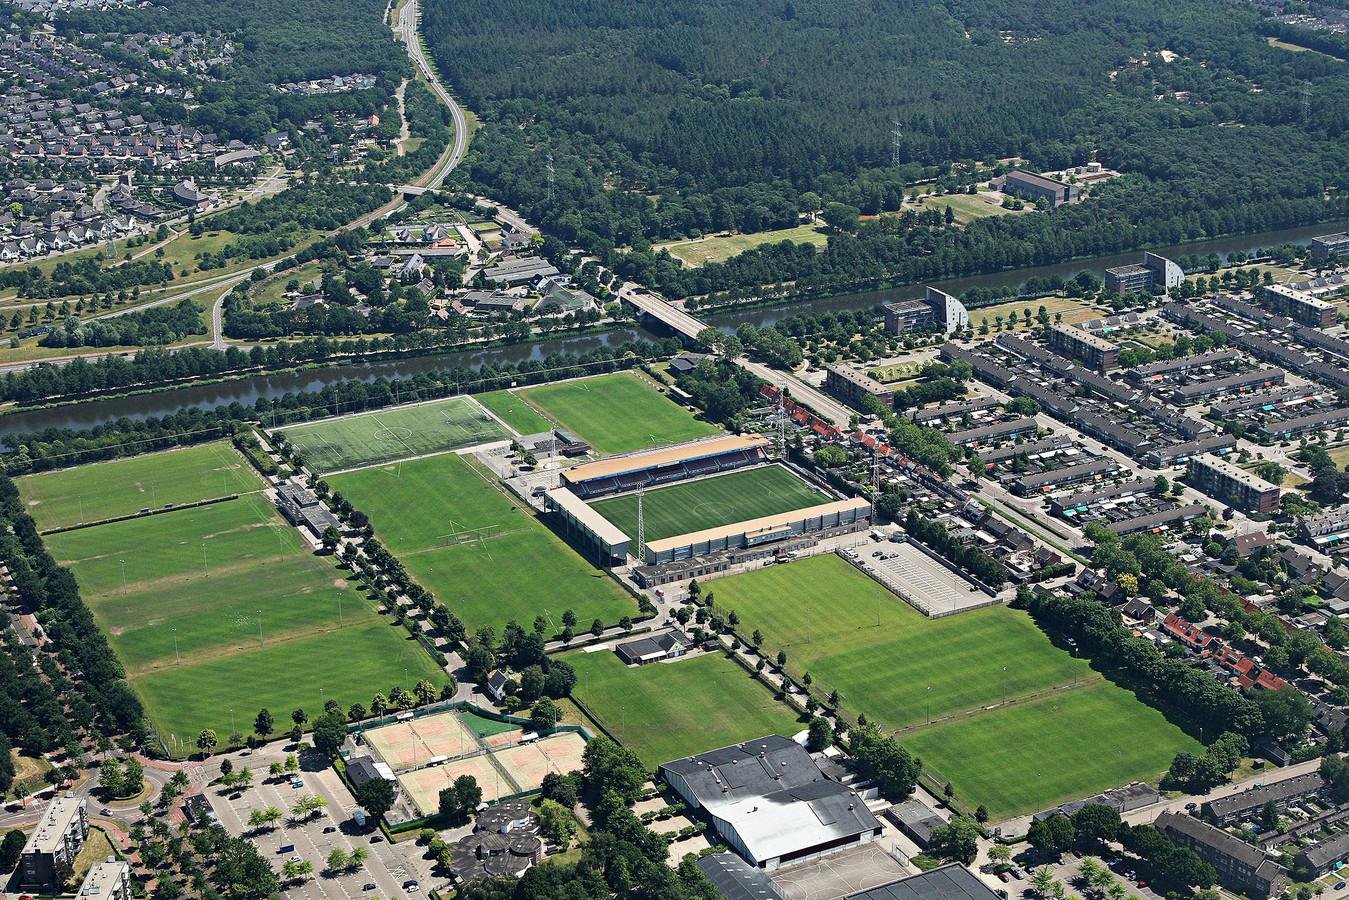 Sportpark De Braak in Helmond. Het nieuwe zwembad is door het stadsbestuur voorzien op de plek van korfbalvereniging OEC (rechts van de banen van tennisclub HTV).